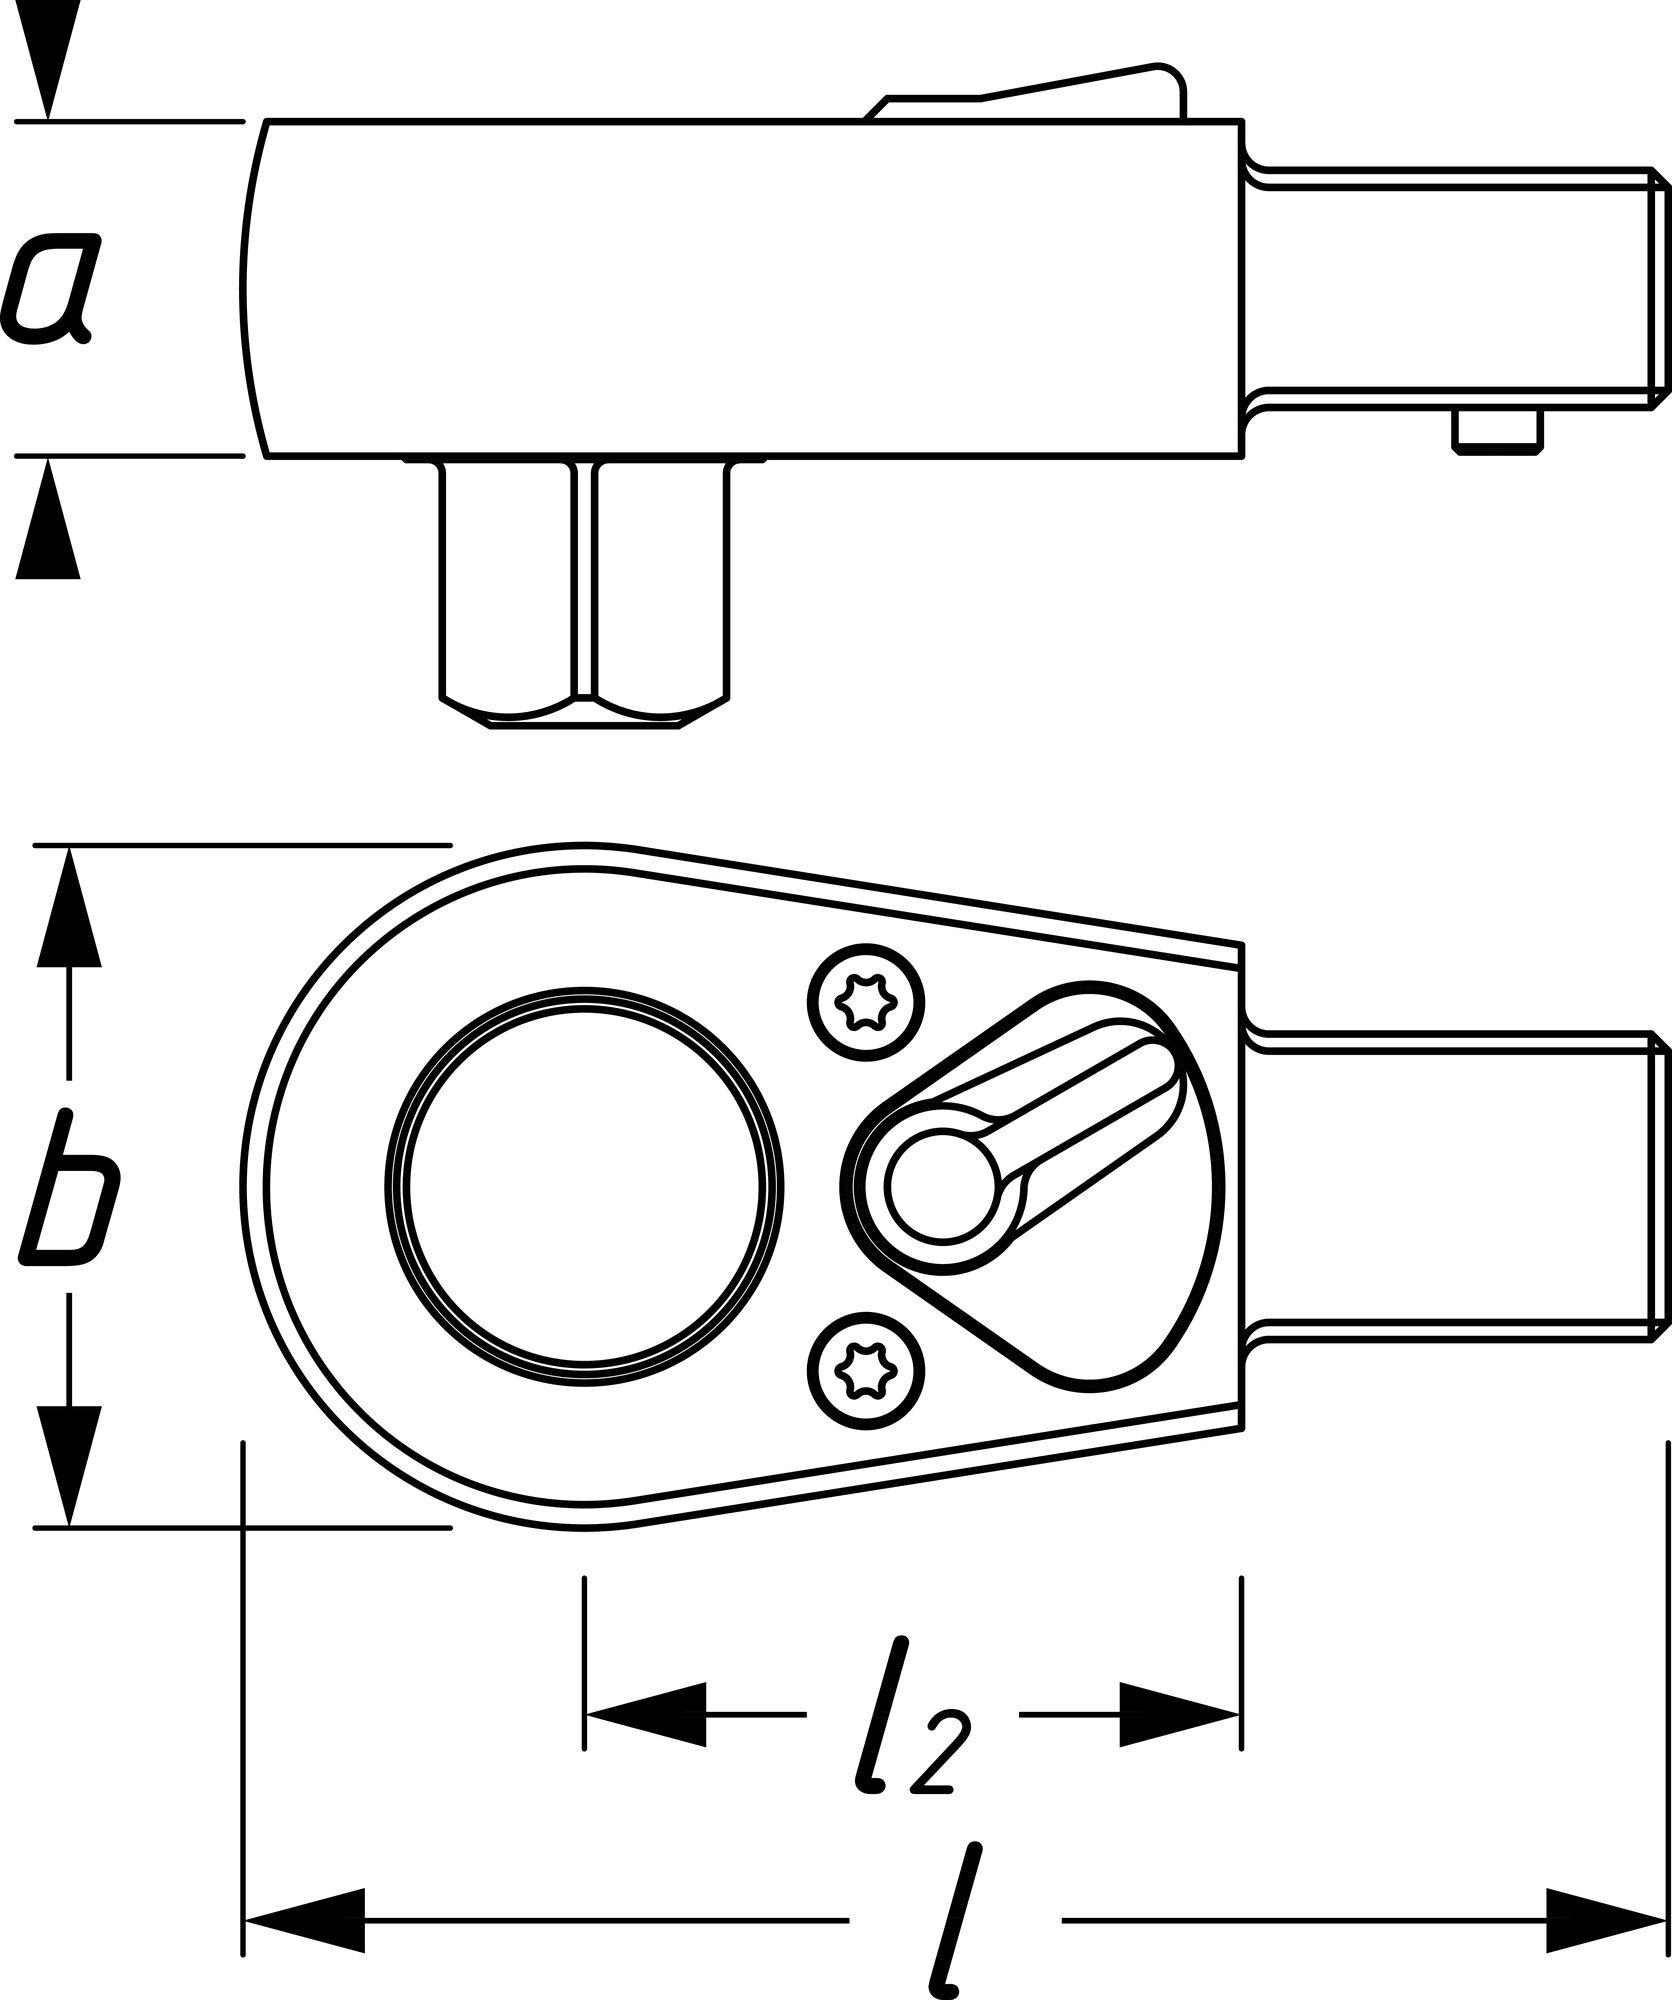 HAZET Einsteck-Umschaltknarre 6403-1 ∙ Einsteck-Vierkant 9 x 12 mm ∙ Vierkant massiv 12,5 mm (1/2 Zoll)